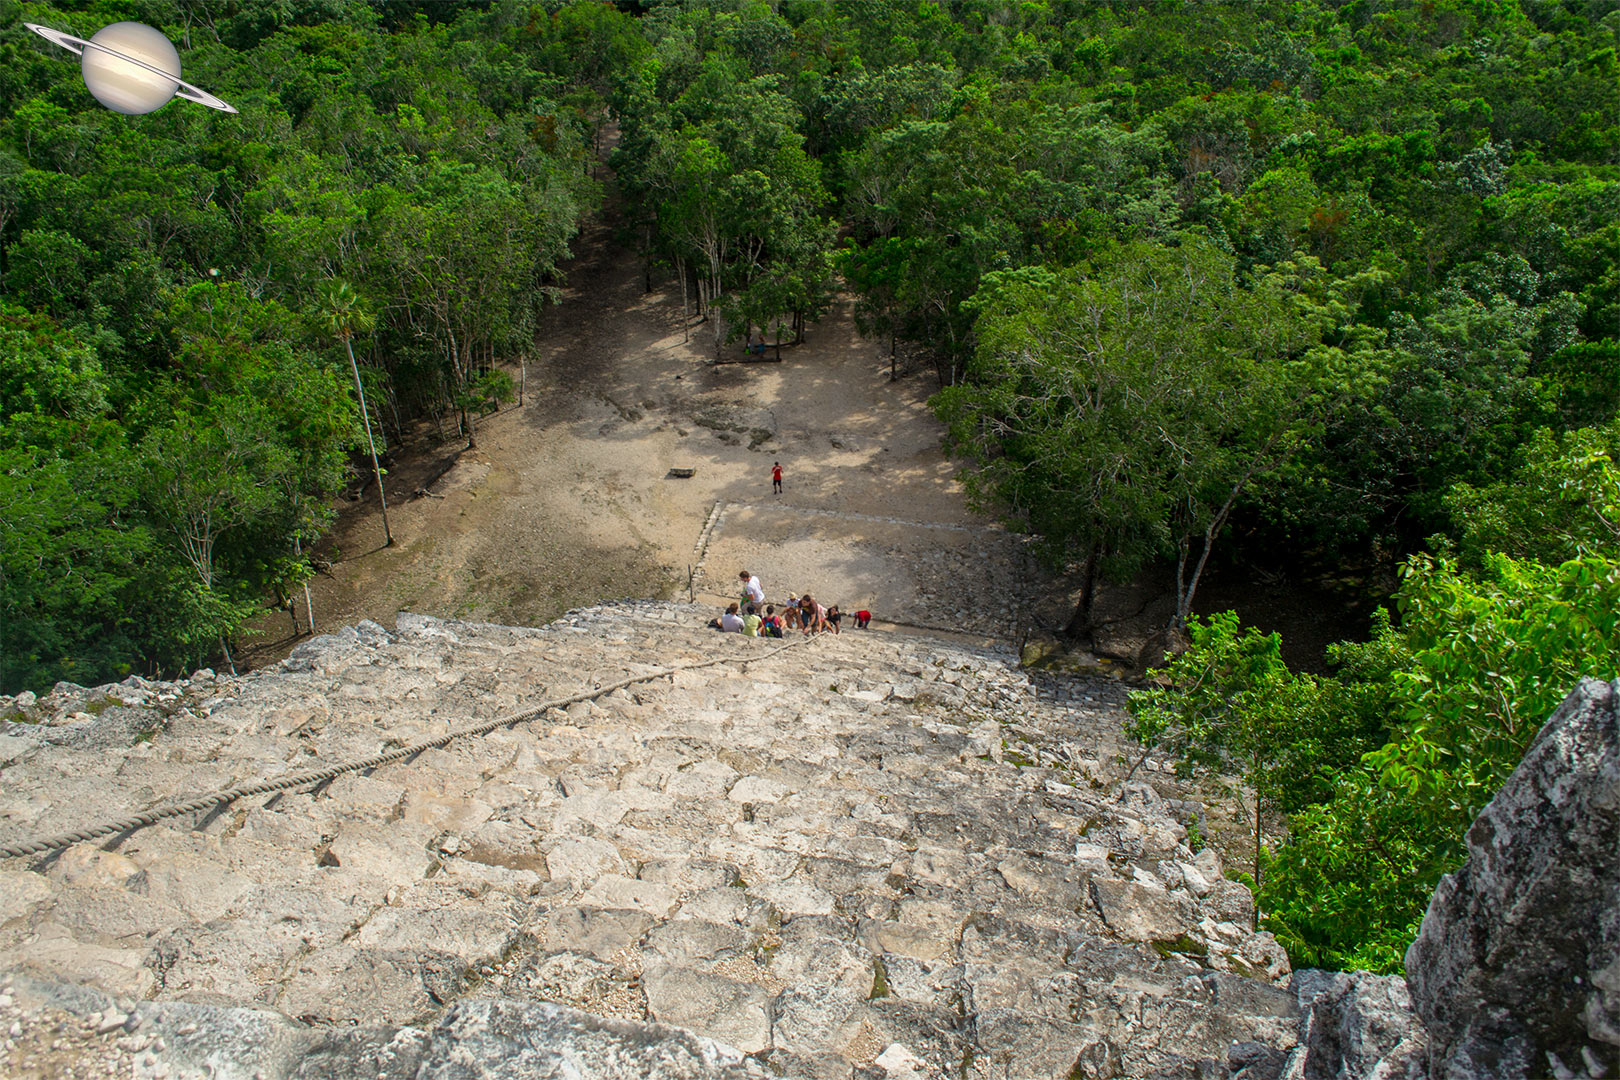 coba yucatan mexico 3 - Suba uma Pirâmide em Coba, Antiga Cidade Maia, México